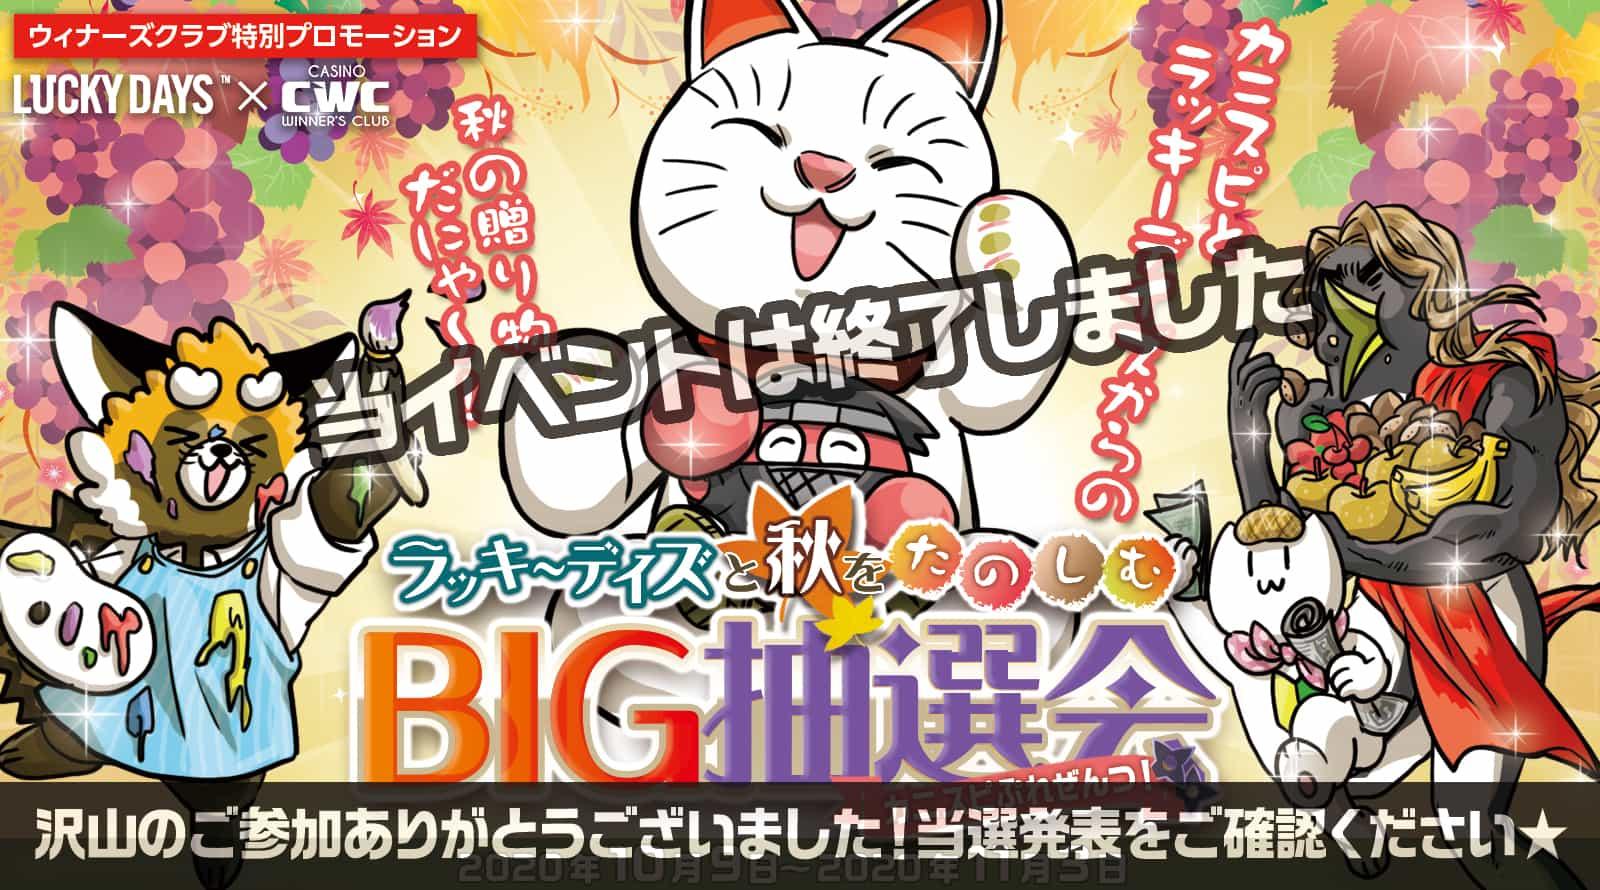 【結果発表】ラッキーデイズと秋を楽しむ!BIG抽選会 ~カニスピぷれぜんつ~